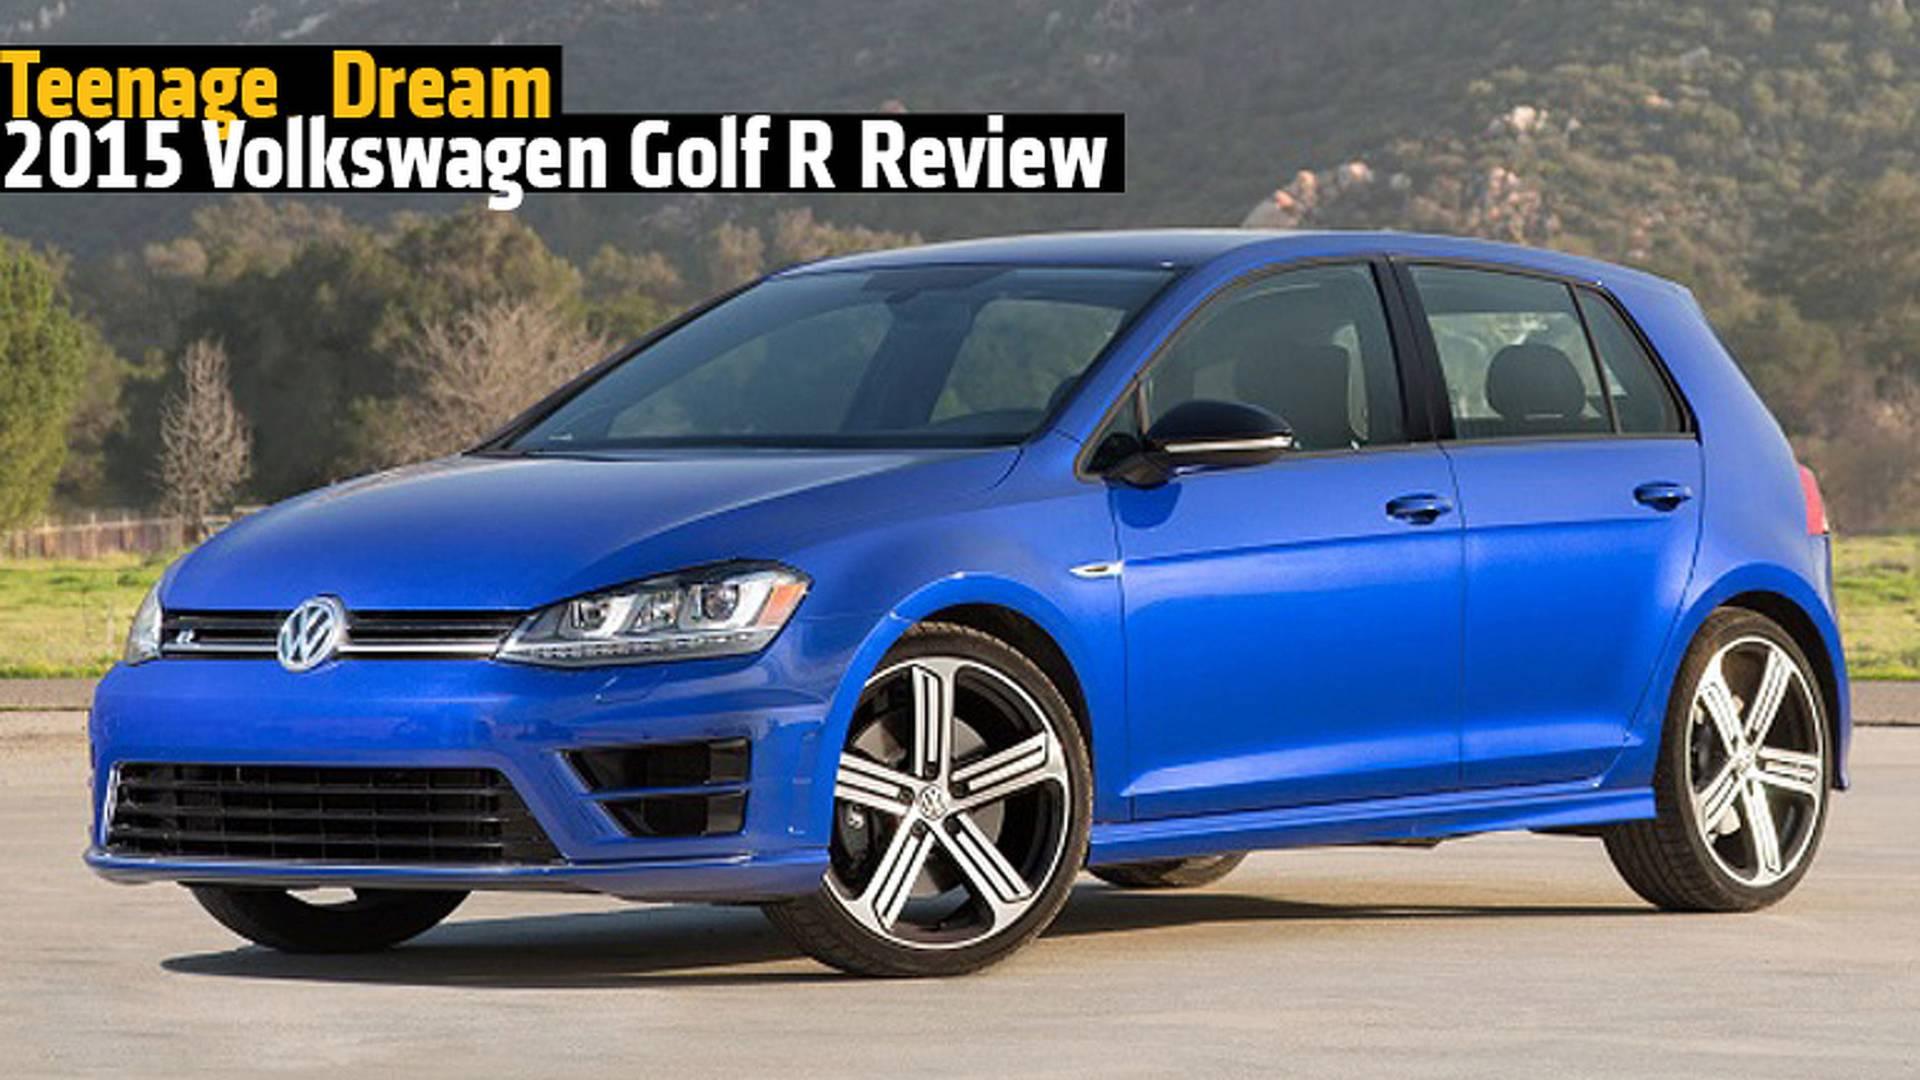 Teenage Dream - 2015 Volkswagen Golf R Review